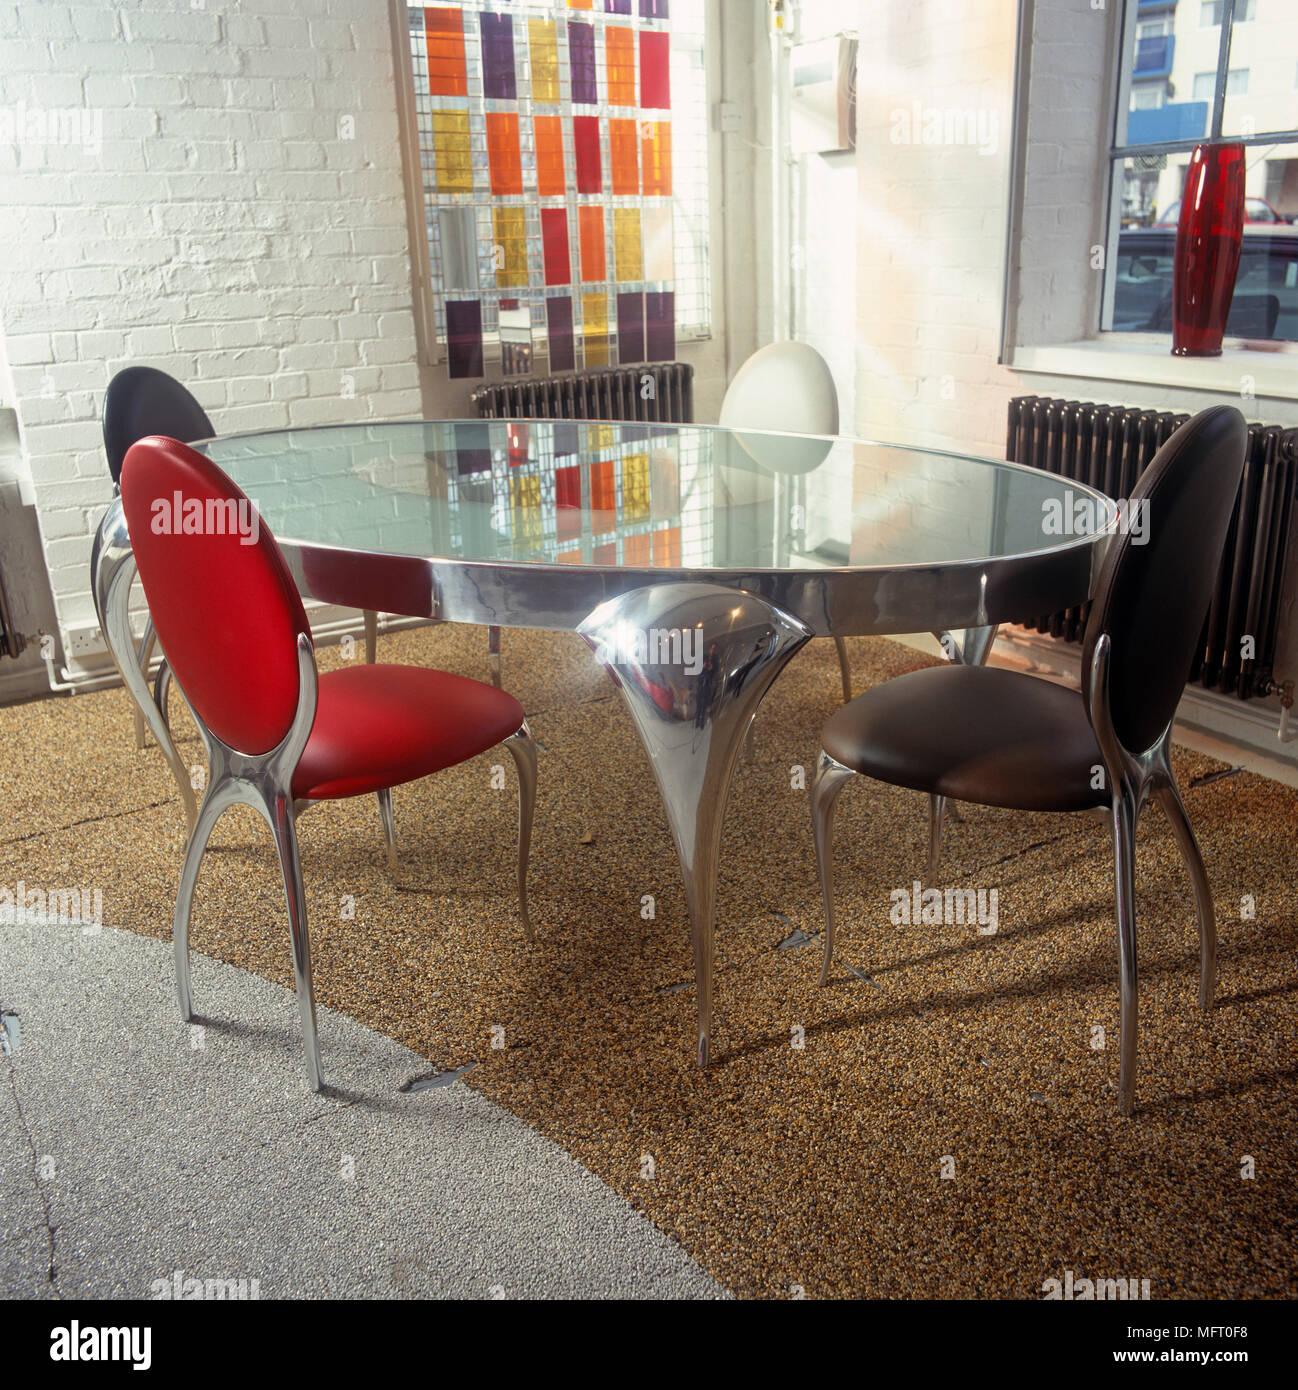 Un tavolo dallo stile contemporaneo che si adatta bene a ogni ambiente. In Stile Retro Ripiano In Vetro Tavolo E Sedie In Pelle Di Stile Contemporaneo In Sala Da Pranzo Foto Stock Alamy